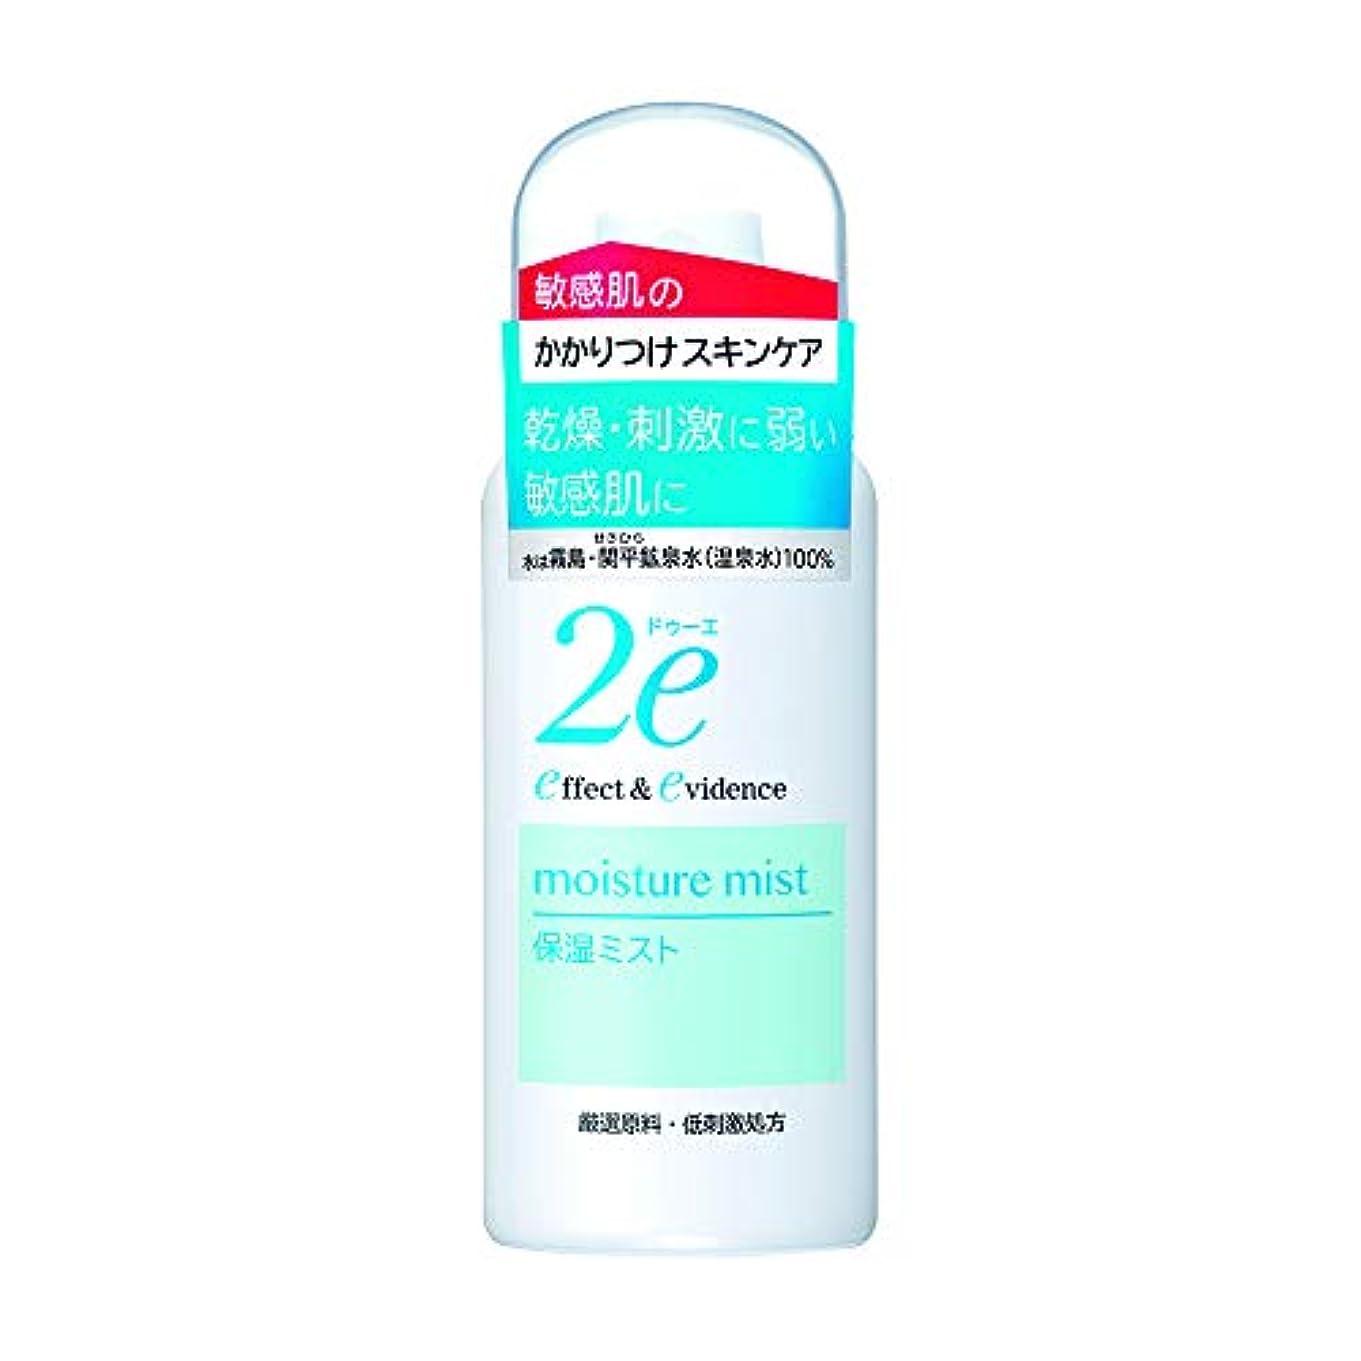 冷ややかな医学霊2e(ドゥーエ) 保湿ミスト 携帯用 敏感肌用化粧水 スプレータイプ 低刺激処方 50g